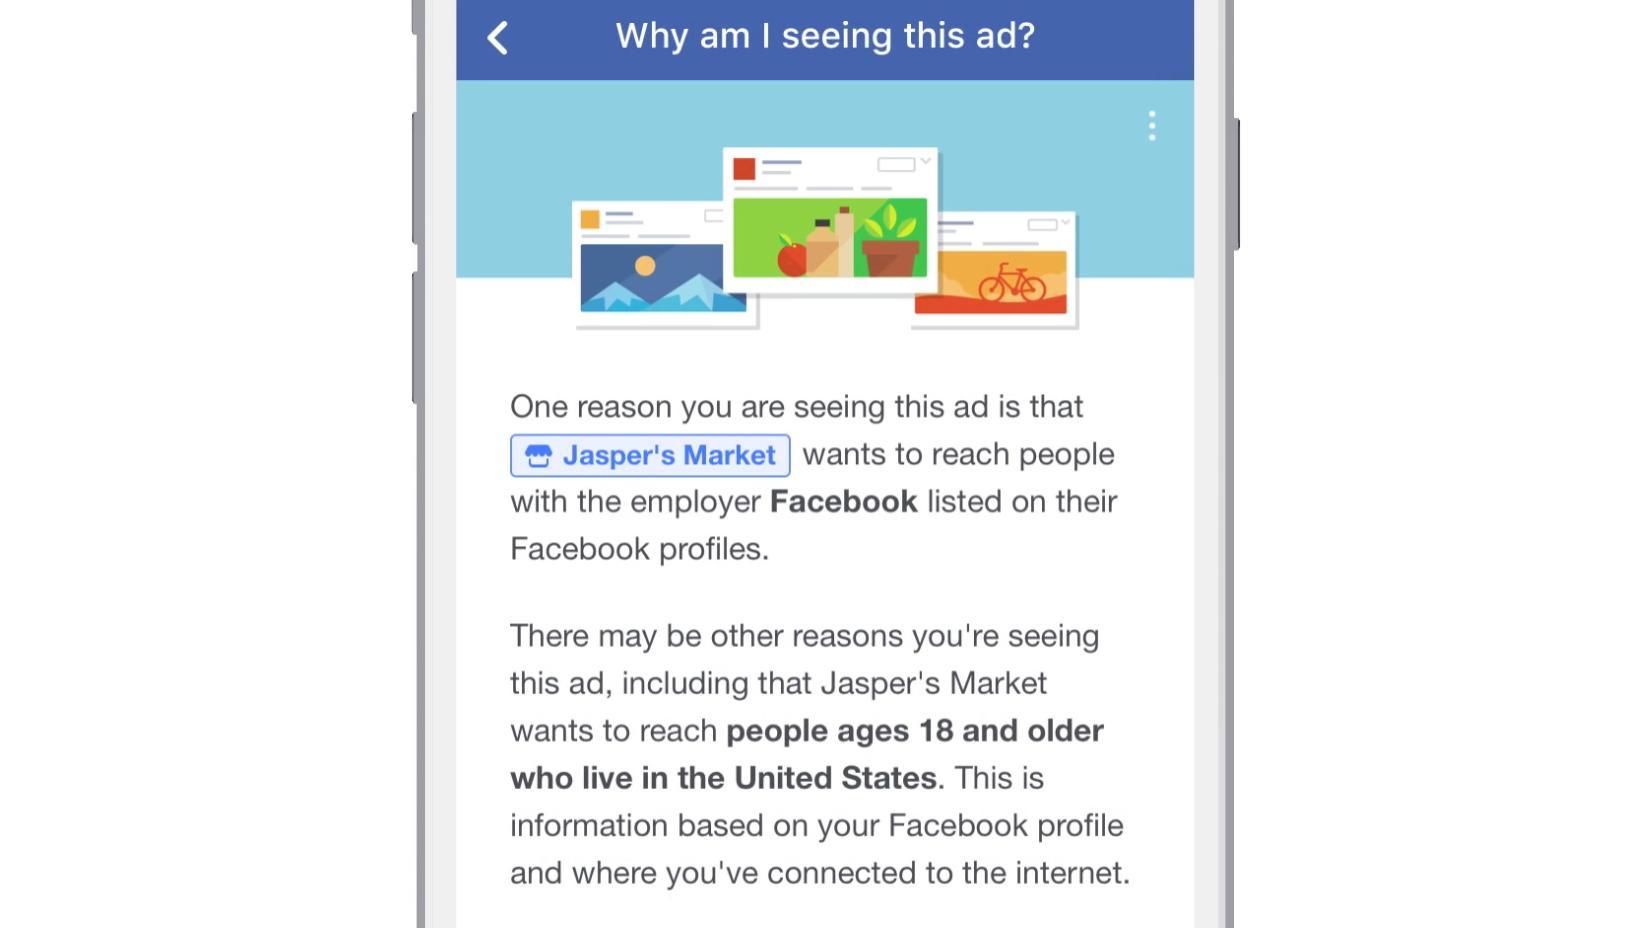 Du kan også få opp informasjon om hvorfor du ser ulike annonser.